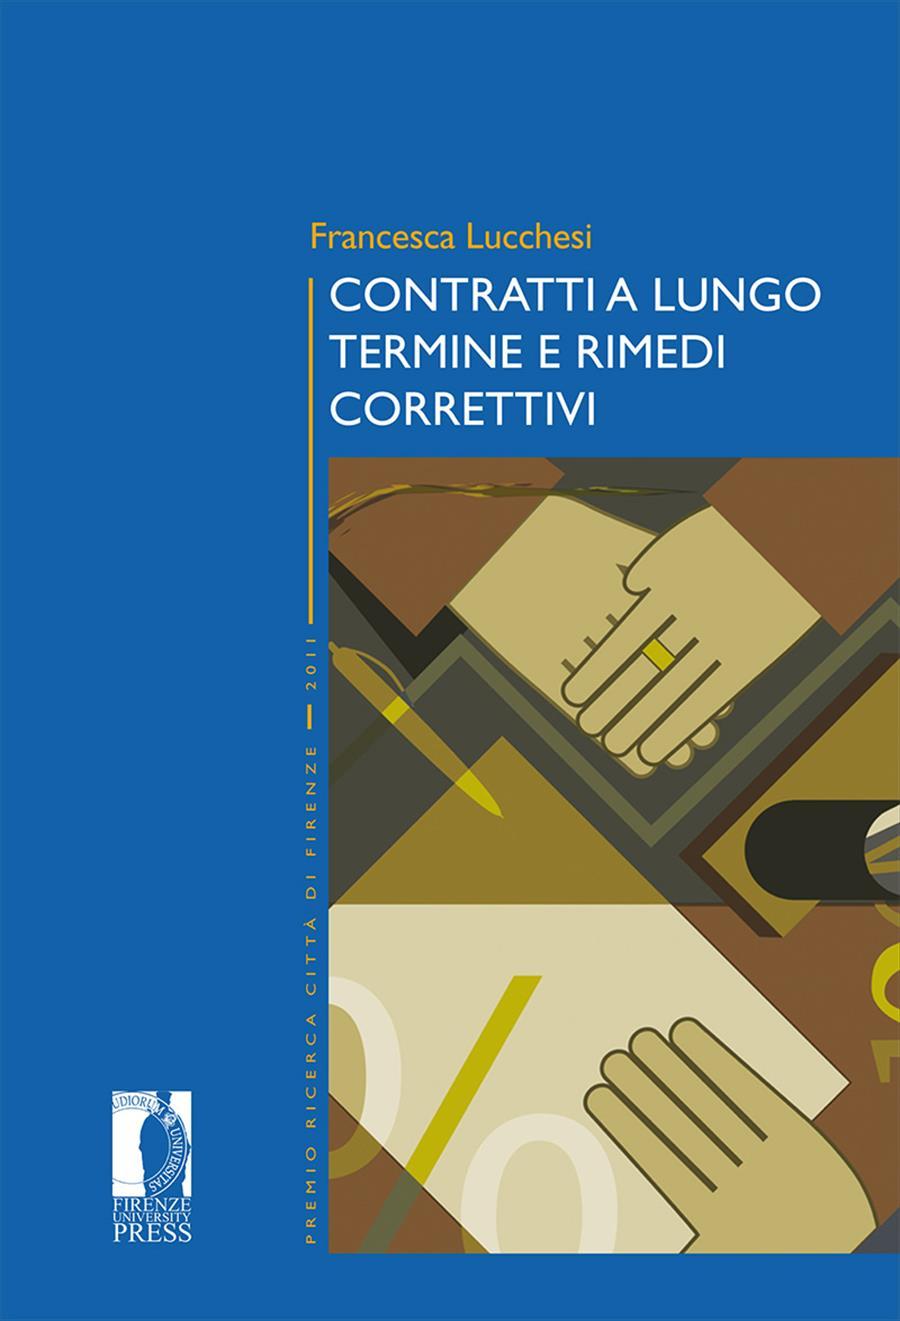 Contratti a lungo termine e rimedi correttivi